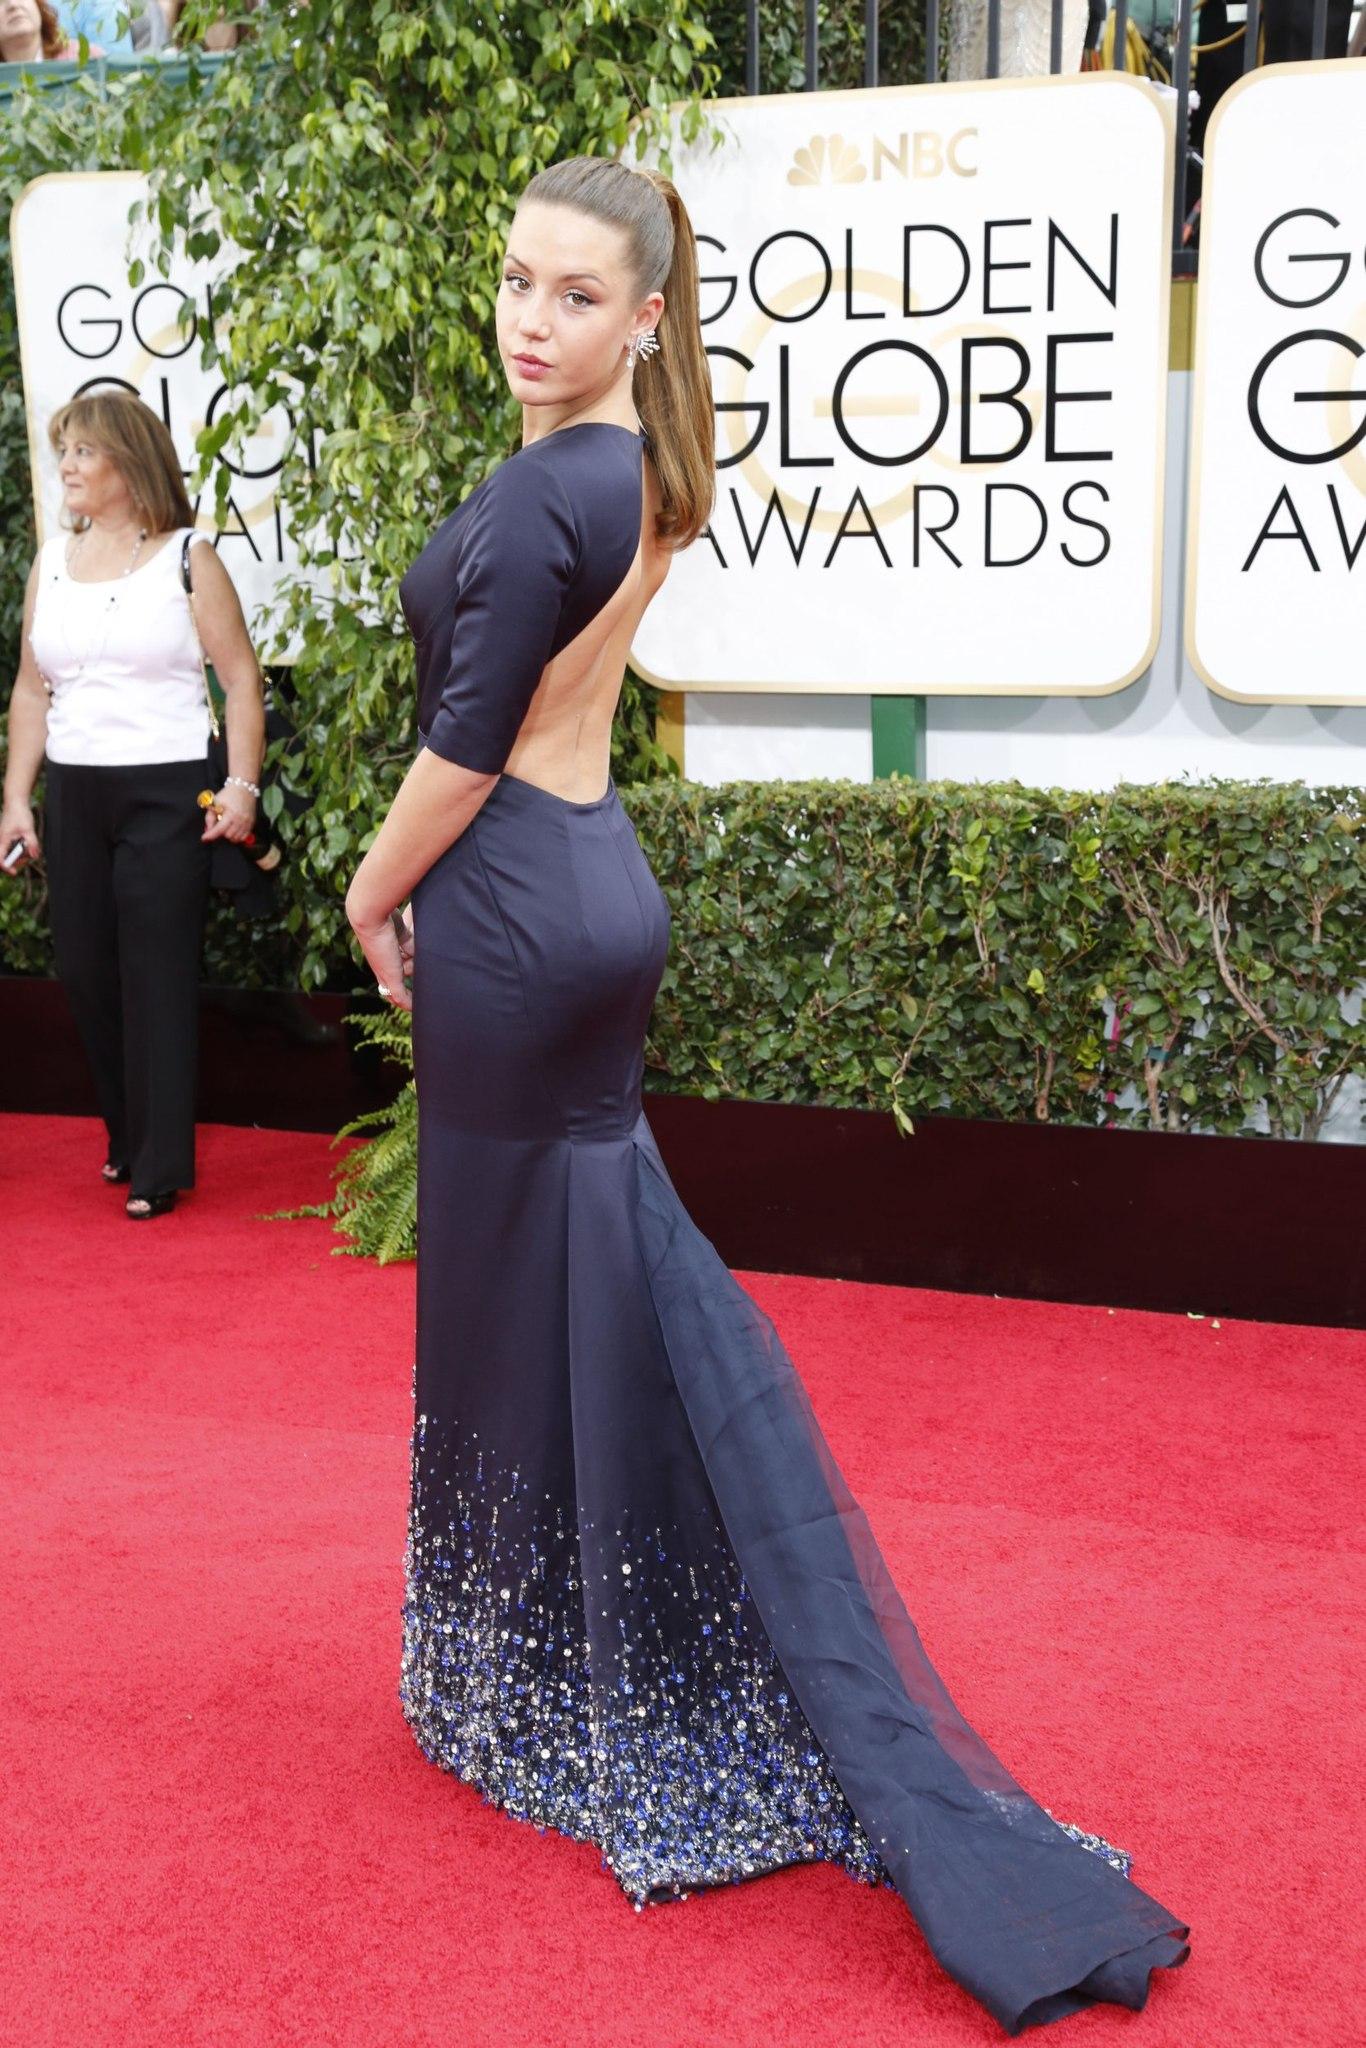 Adele Exarchopoulos: Golden Globe 2014 Awards -14 - GotCeleb